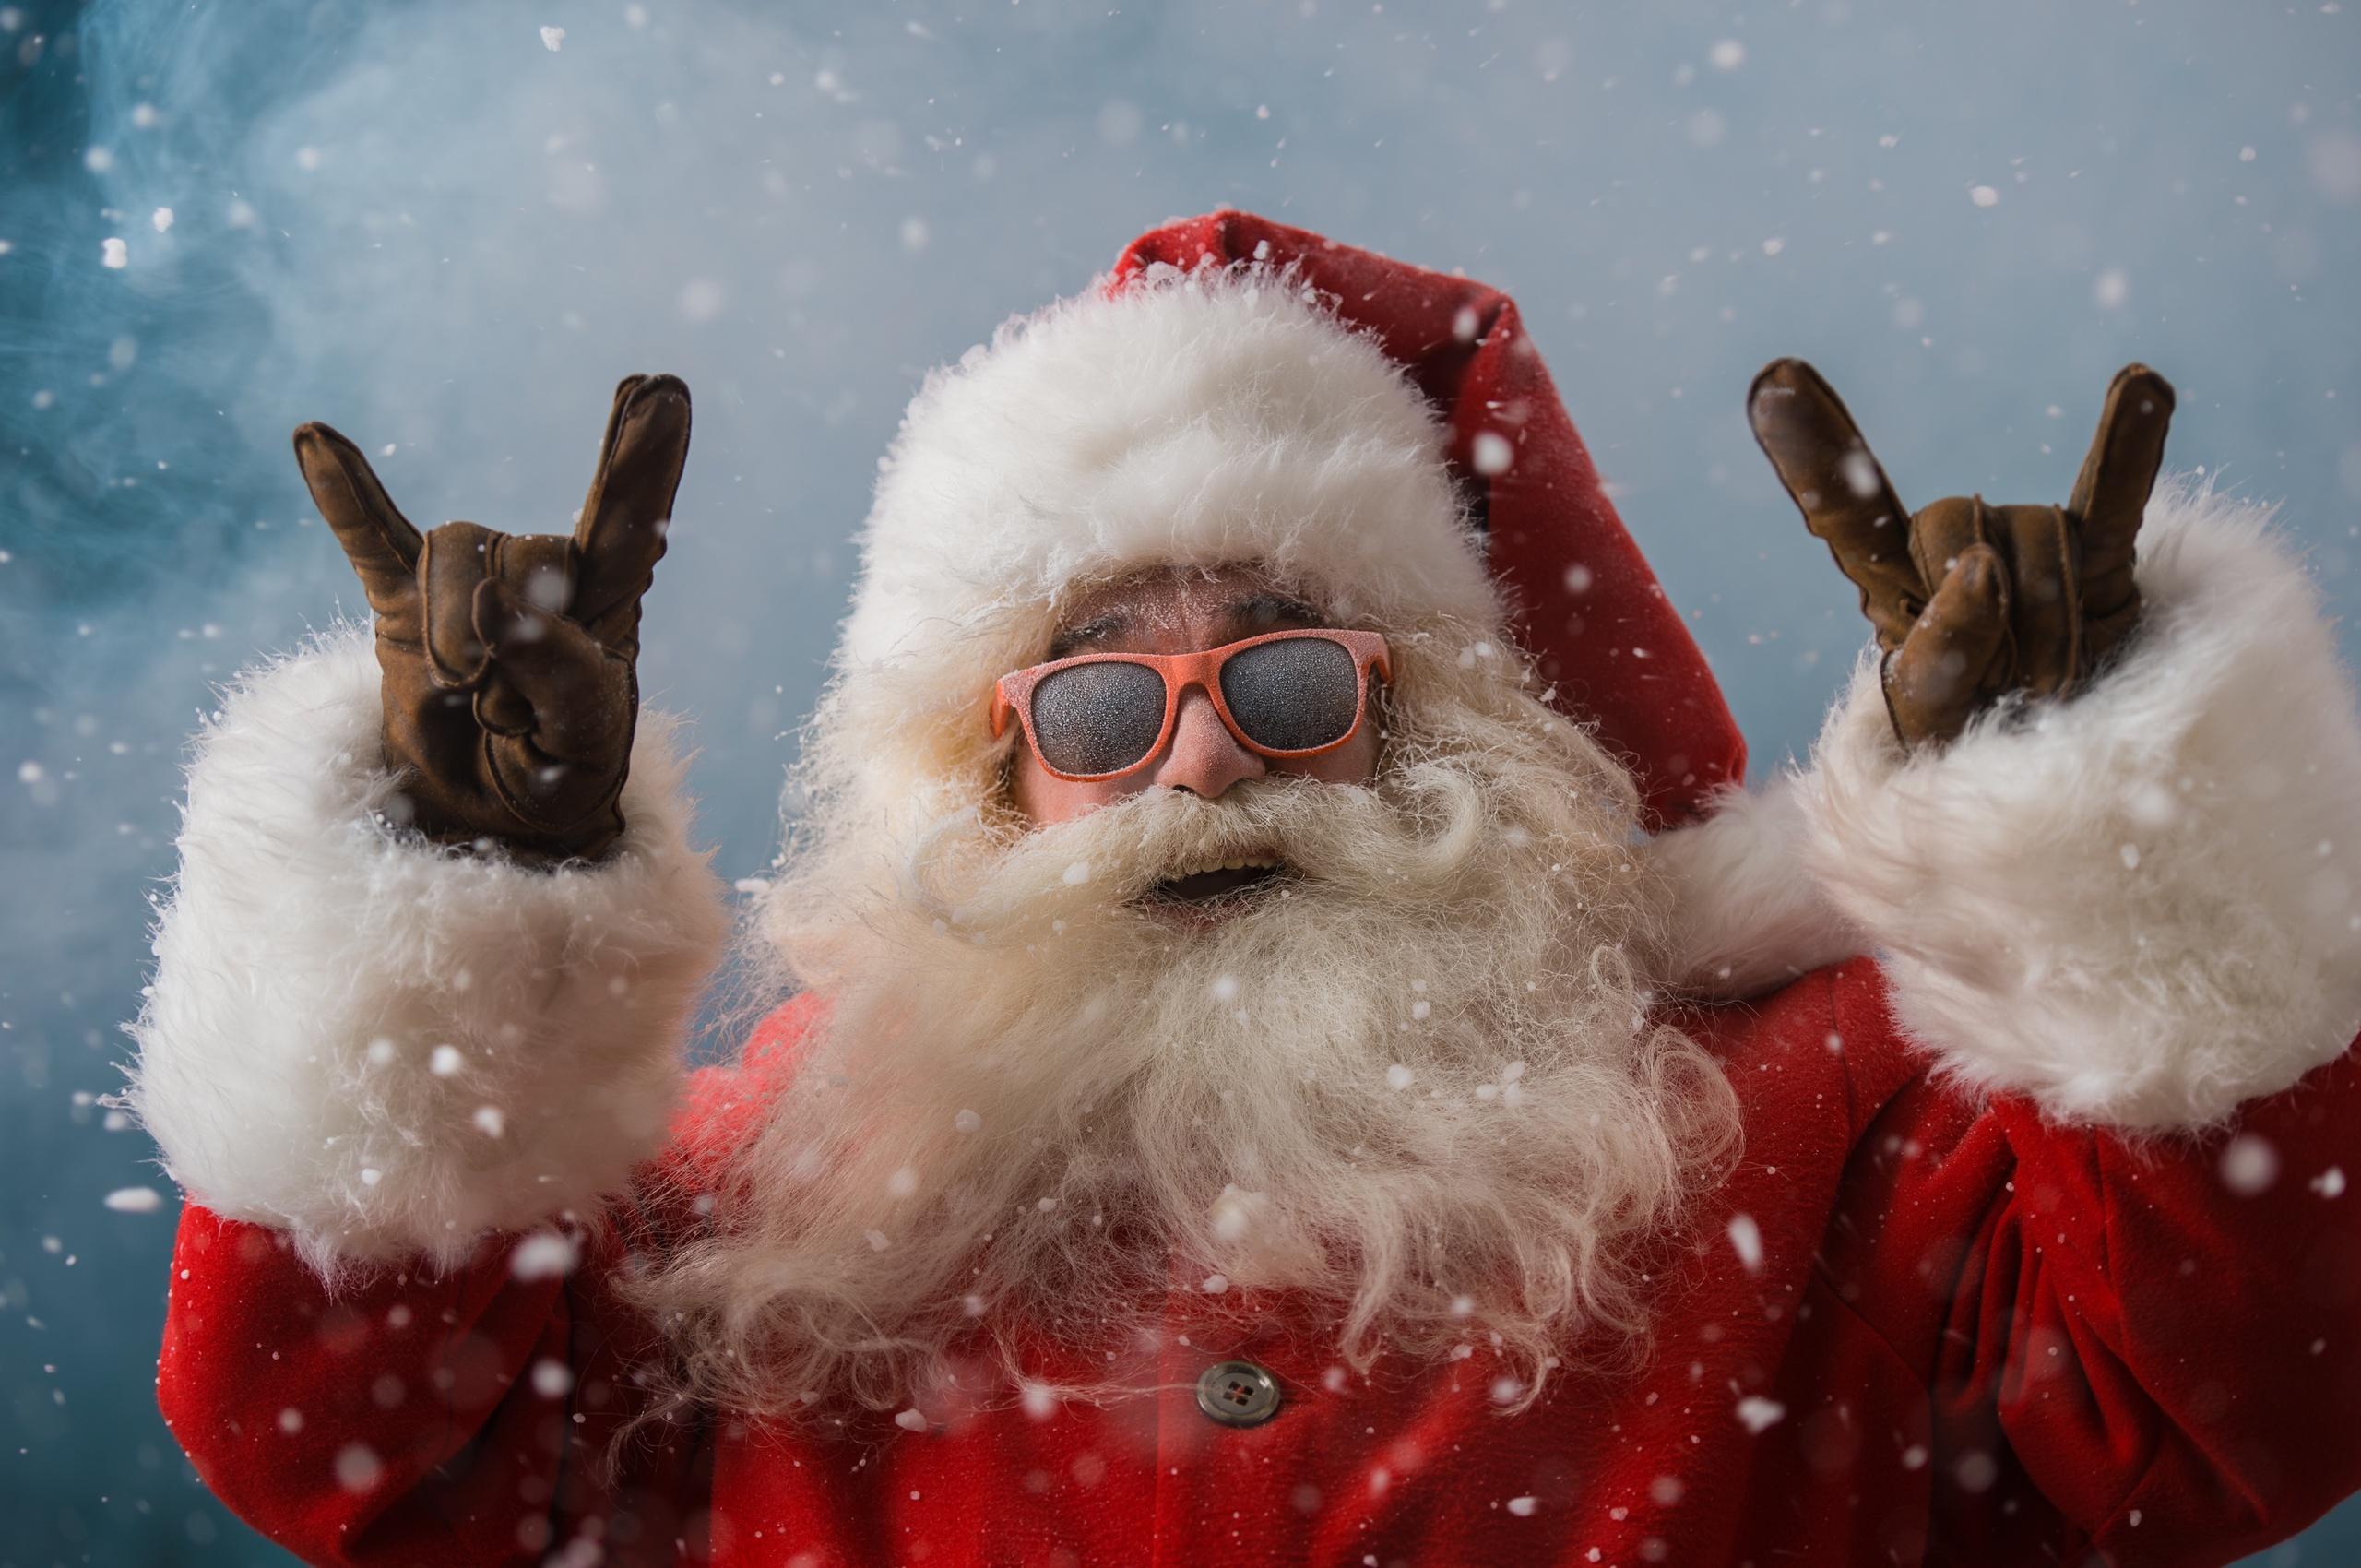 cool santa claus 4k qb